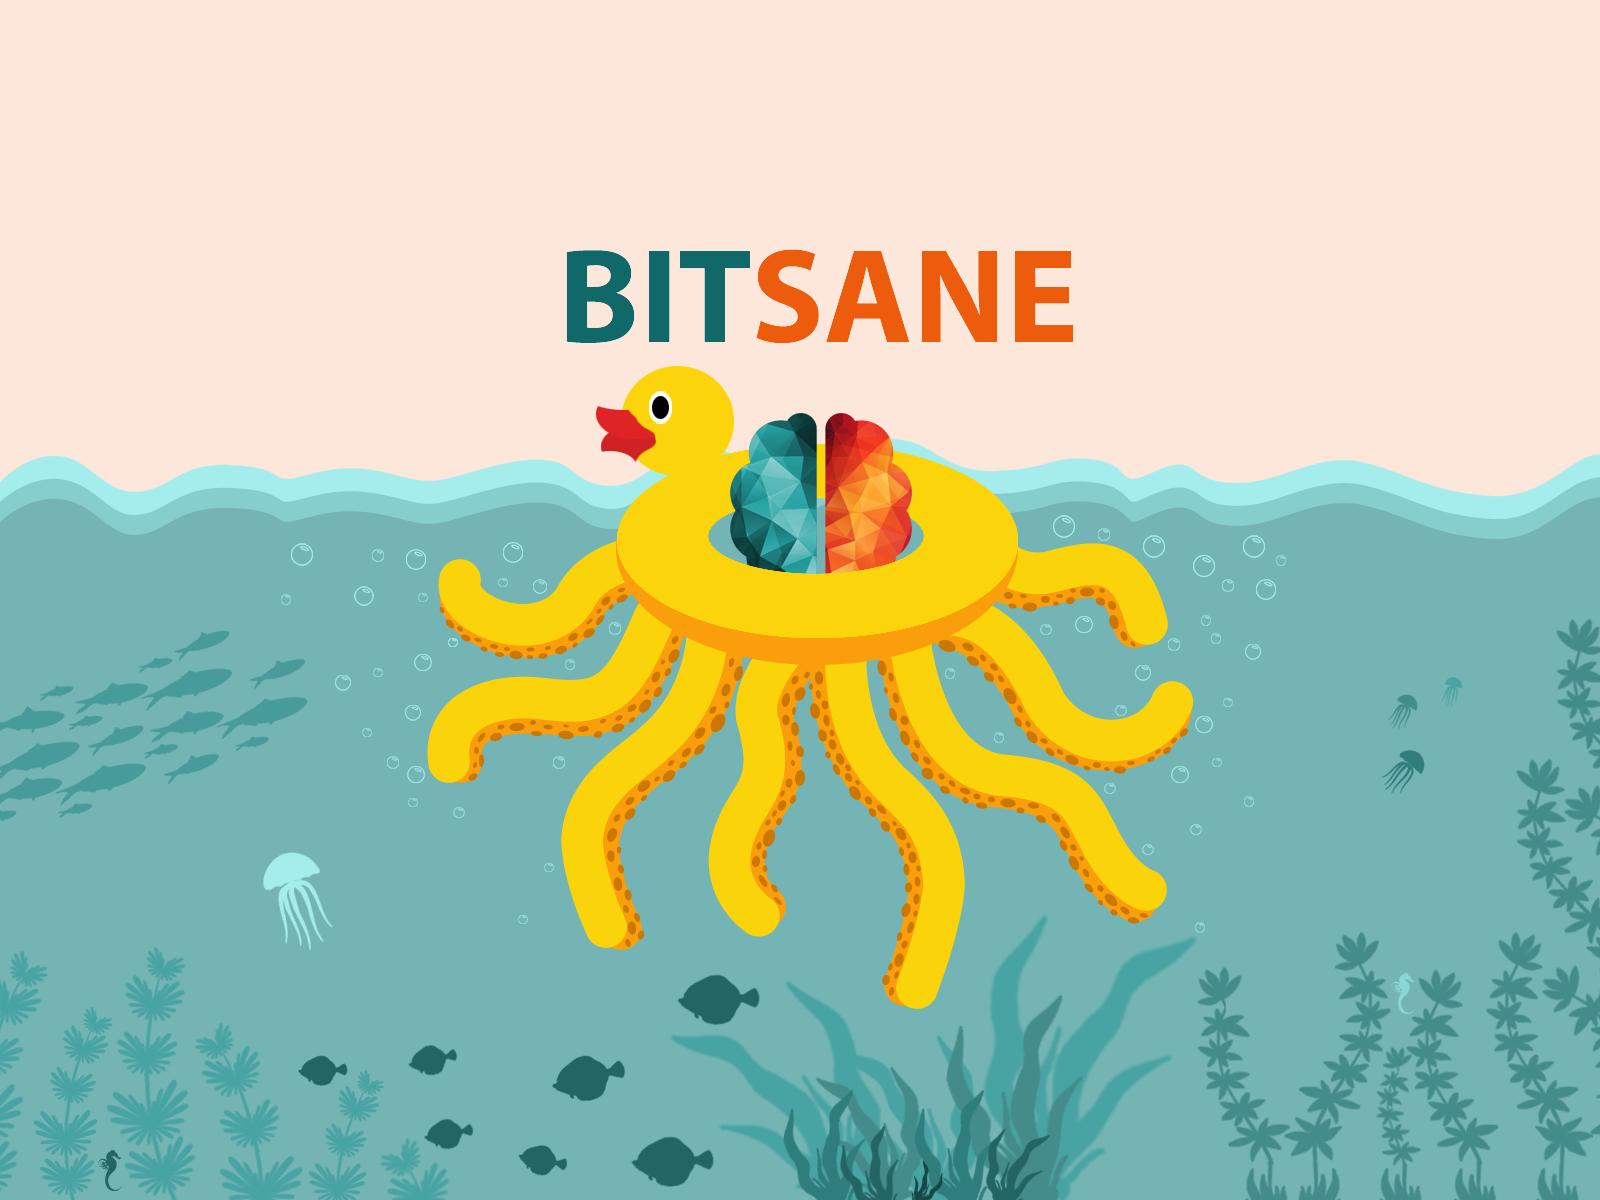 bitsane-front-back-end